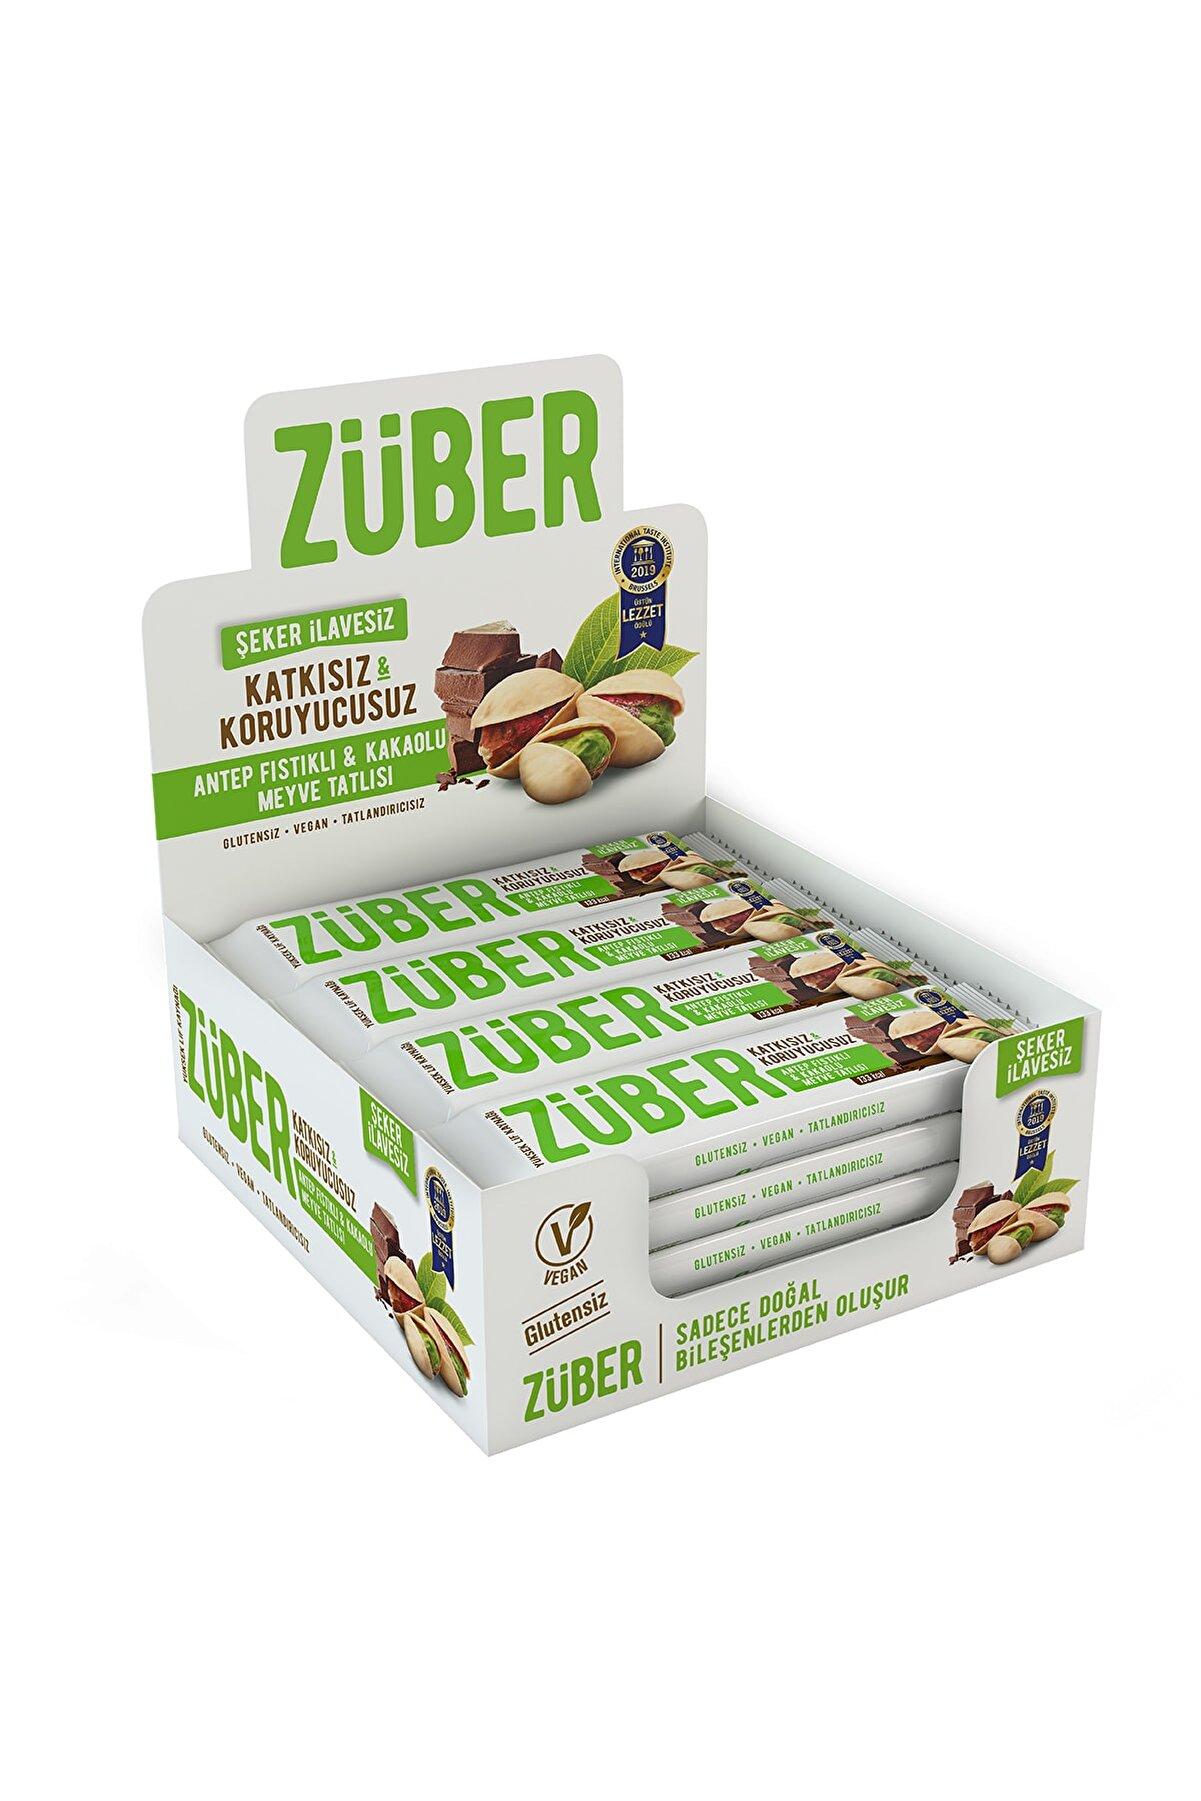 Züber Antep Fıstıklı ve Kakaolu Meyve Tatlısı - 40 gr x 12 Adet